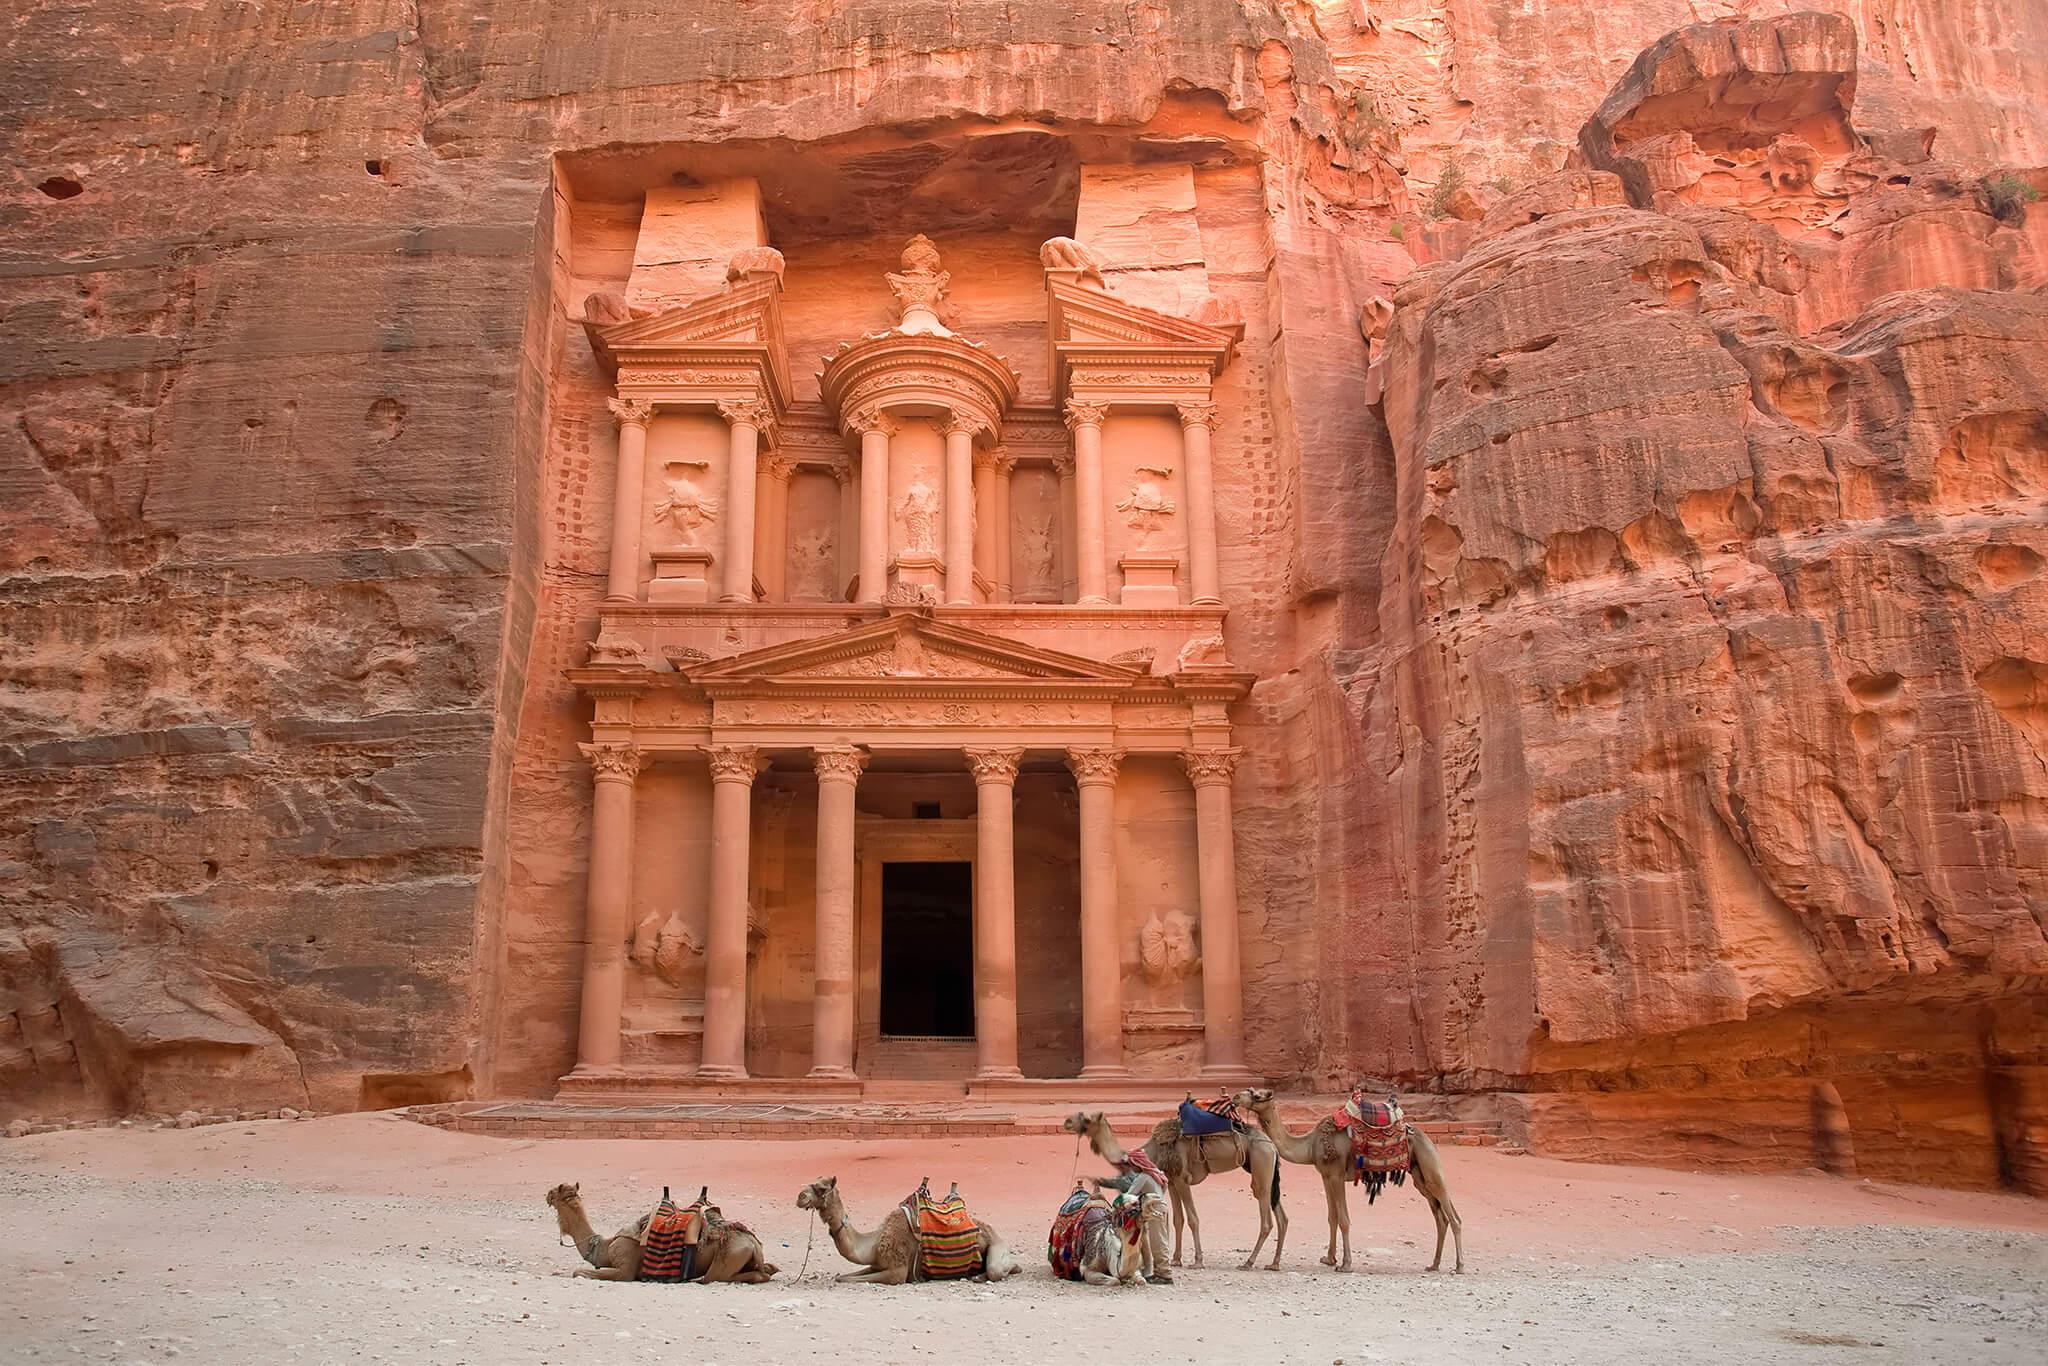 The famous Petra Treasury